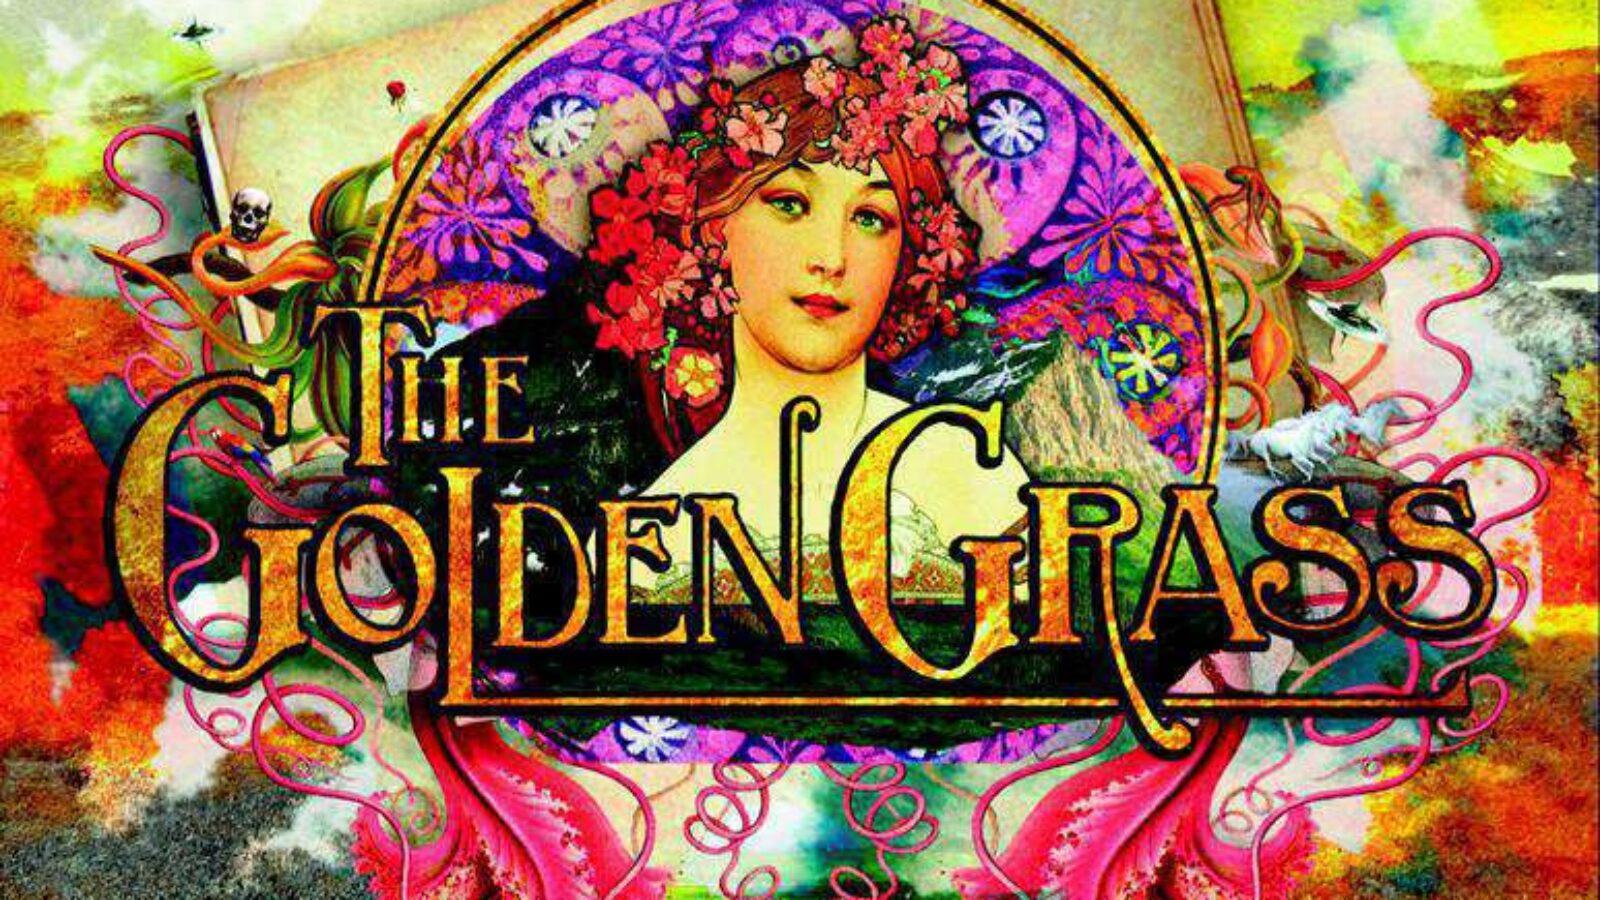 THE GOLDEN GRASS – The Golden Grass